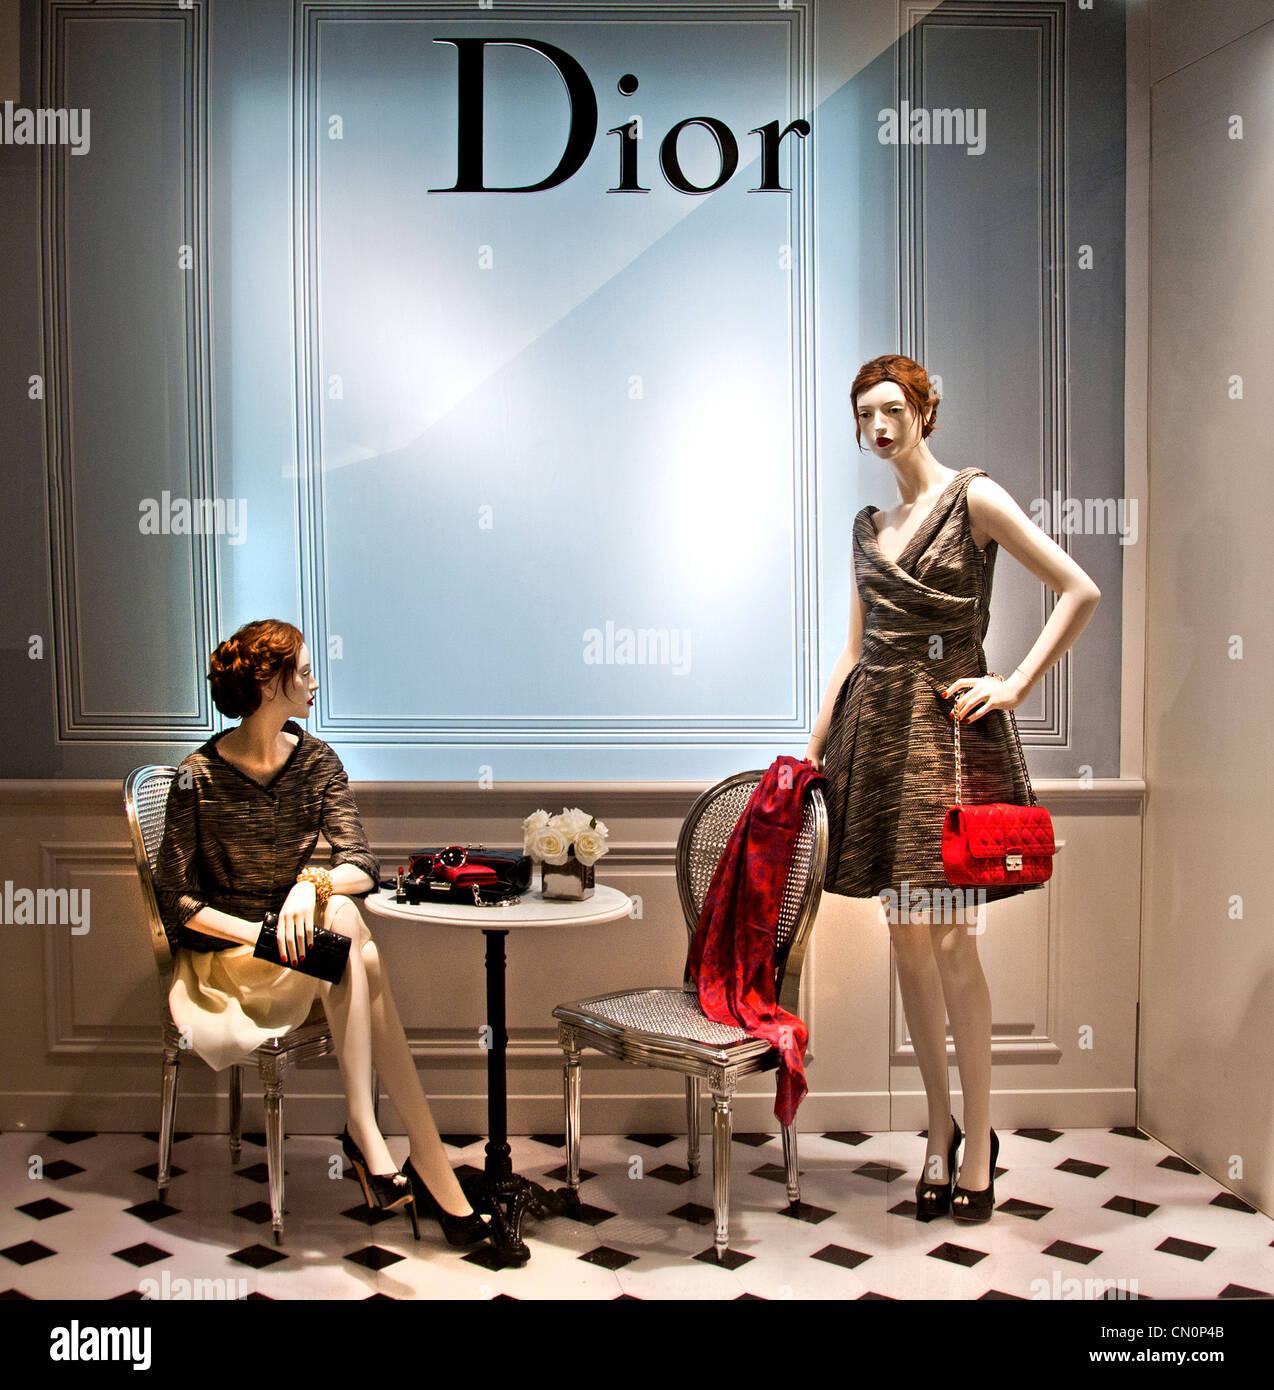 Dior Le Bon Marché Parigi Francia Fashion department store Immagini Stock